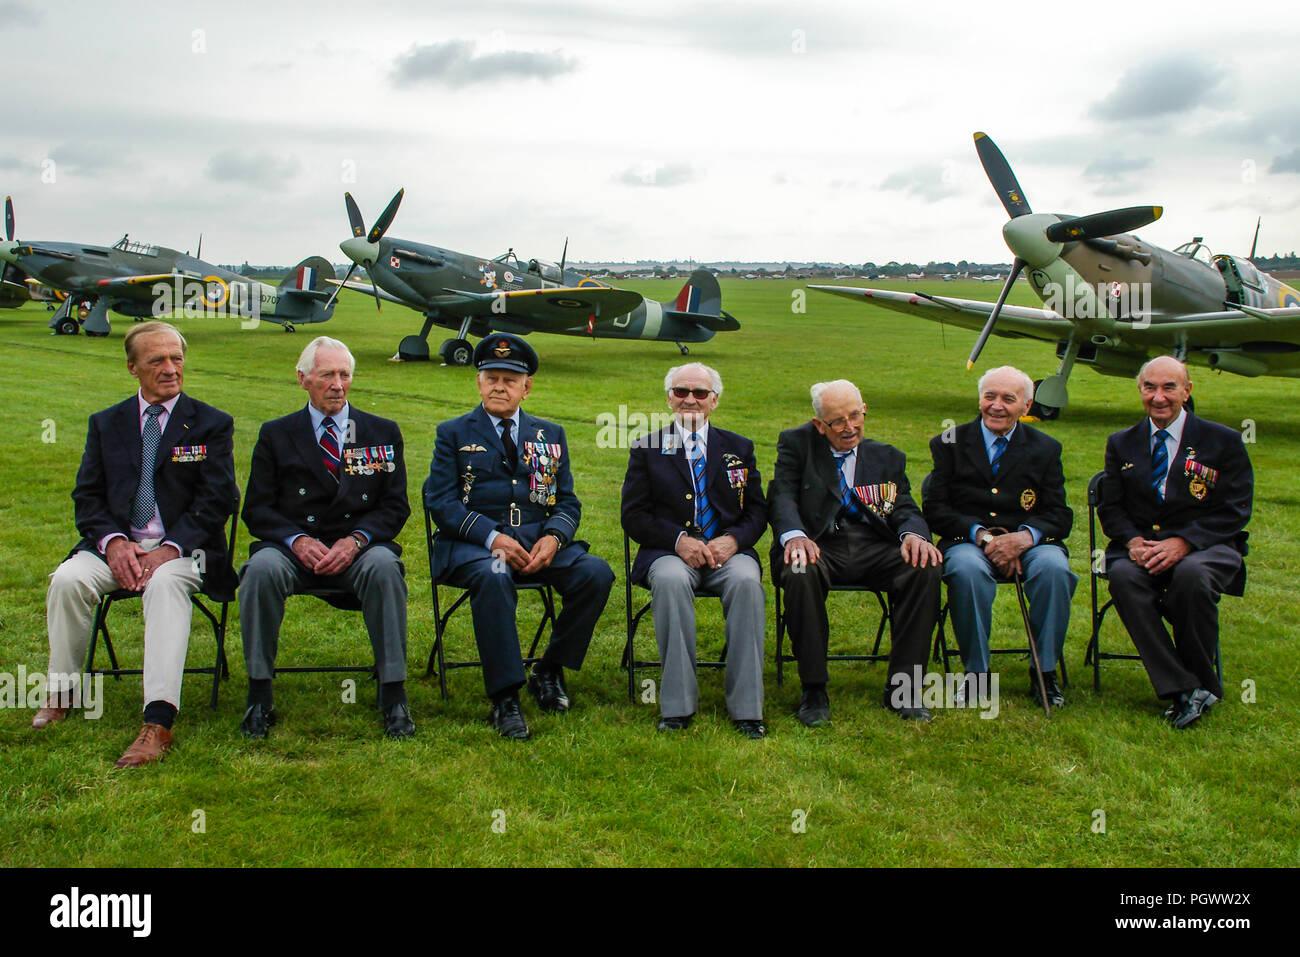 Tadeusz Andersz, Marian Jankiewicz, Franciszek Tomczak, Stefan Ryll, Mieczyslaw Sawicki, Adam Ostrowski, Jerzy Mencel. RAF wartime Polish pilots - Stock Image